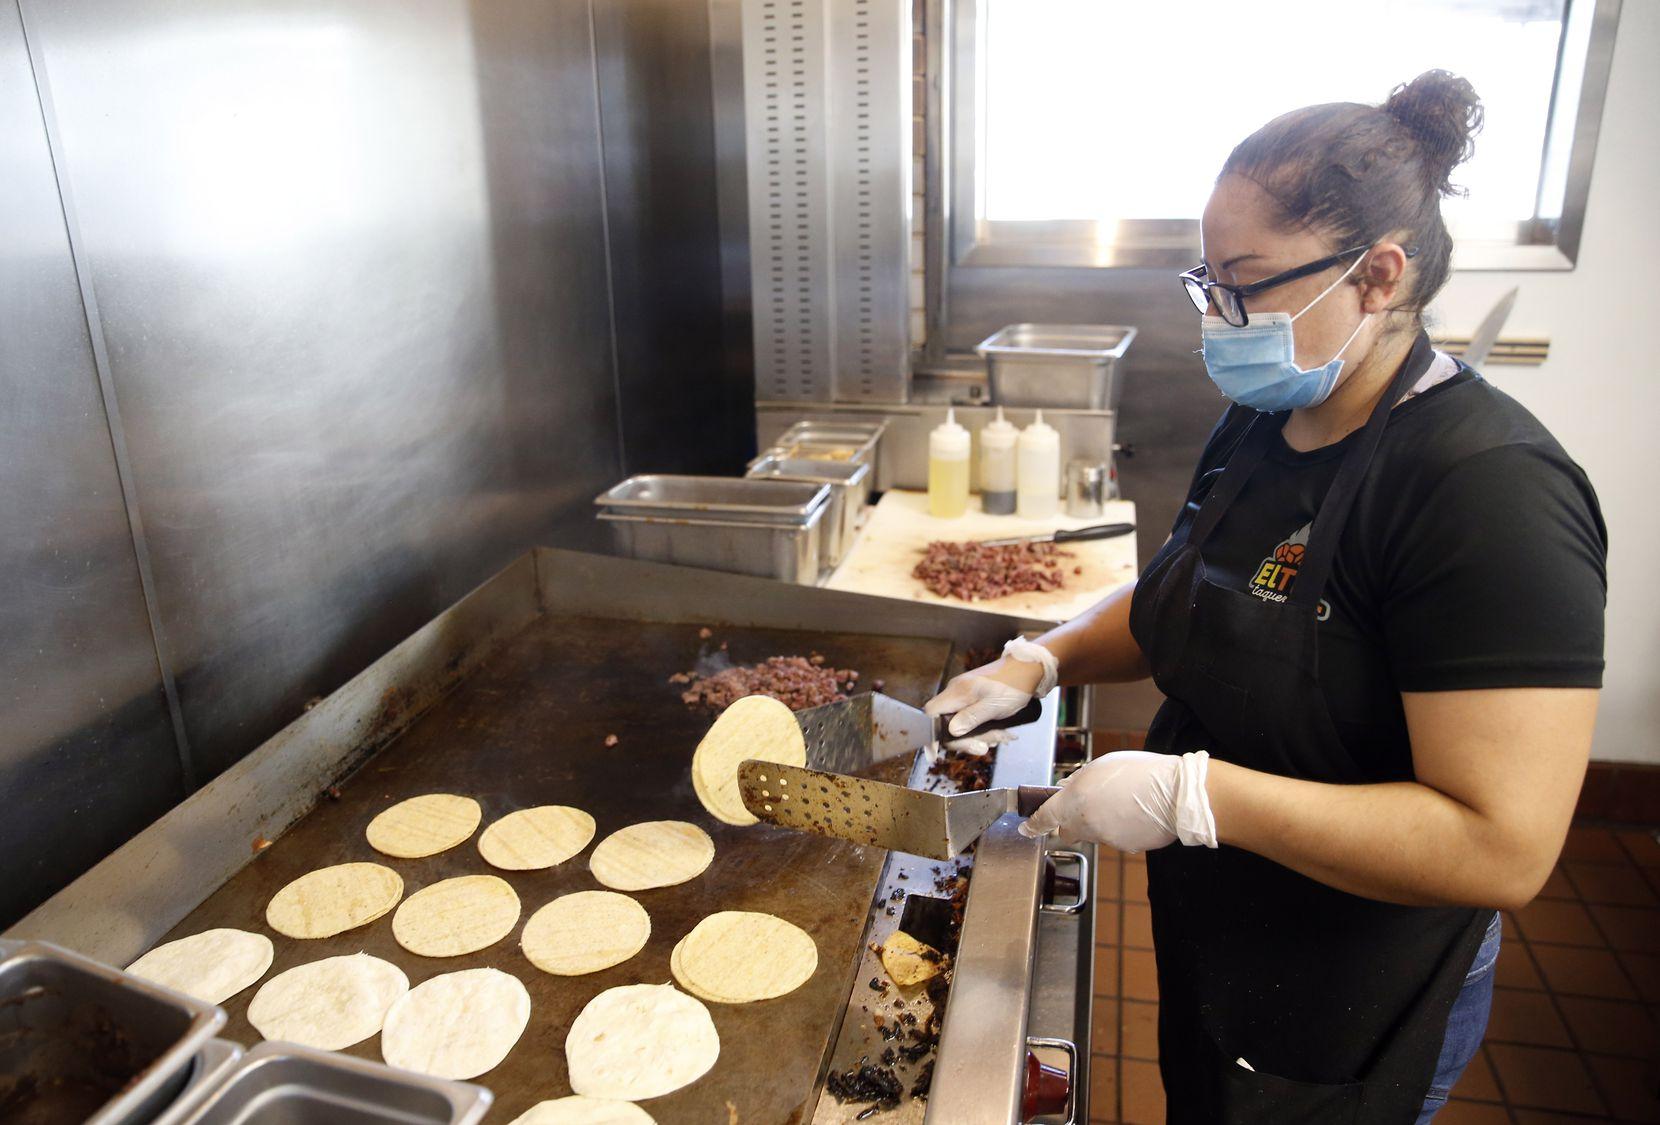 Laura Pina calienta las tortillas en El Tiz taqueria en Dallas el jueves, 30 de julio, 2020.